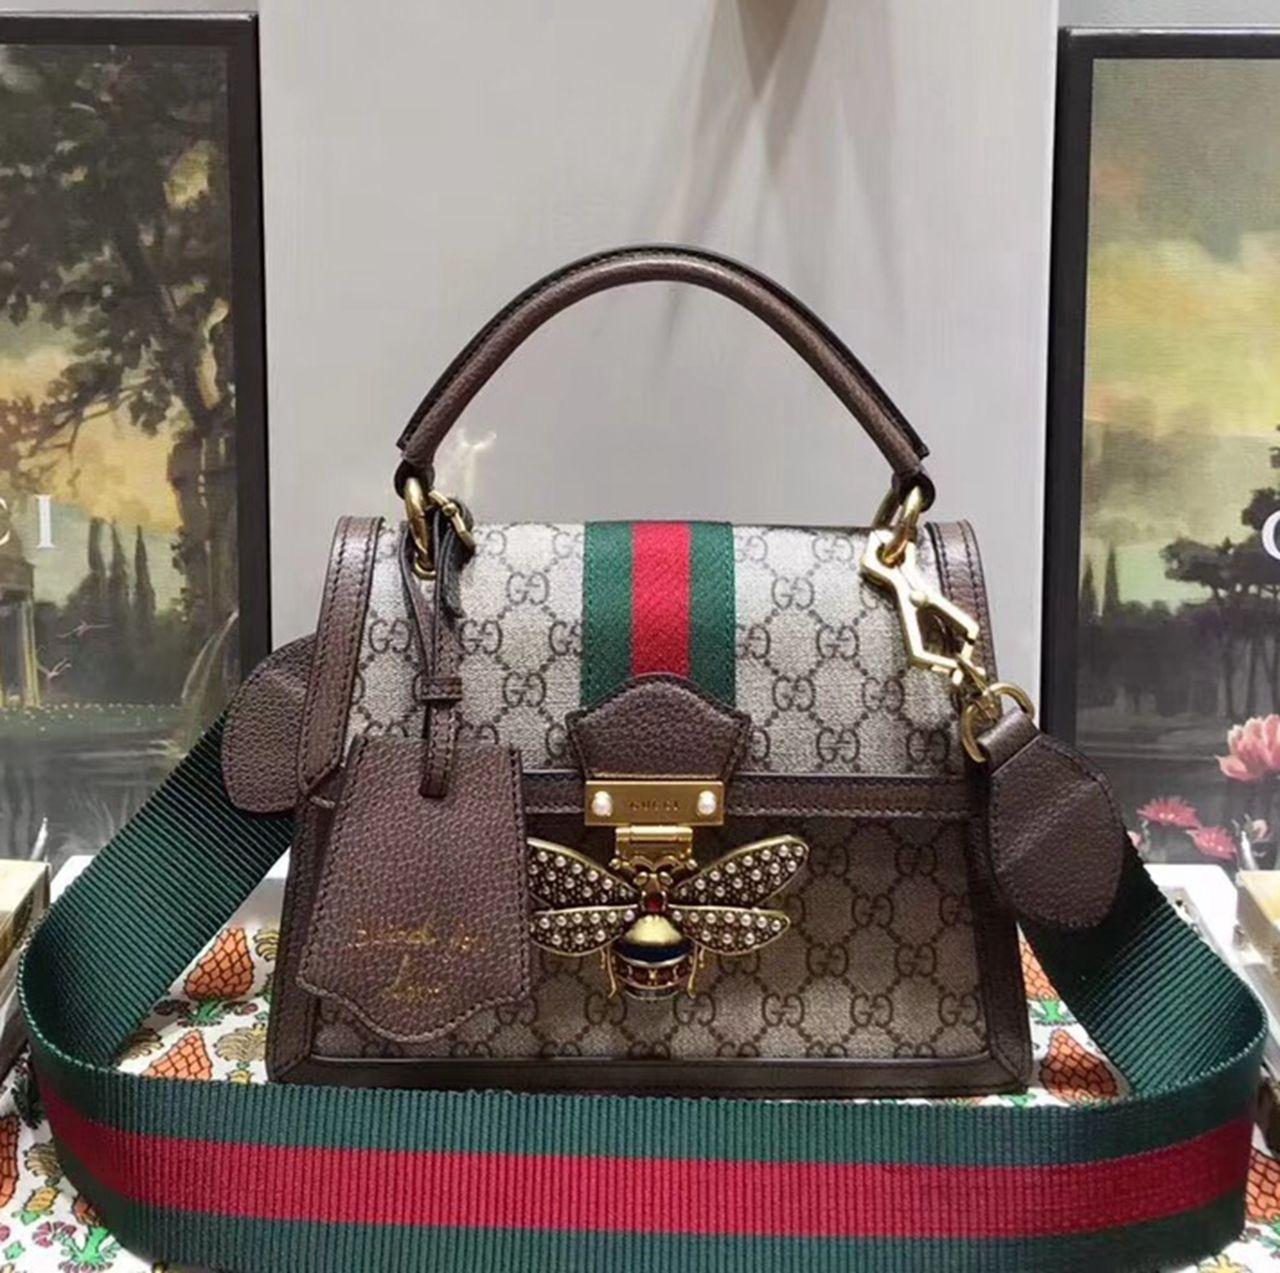 e24d4d83cc9f Gucci Queen Margaret GG Small Top Handle Bag 476541 Brown 2018 Top ...